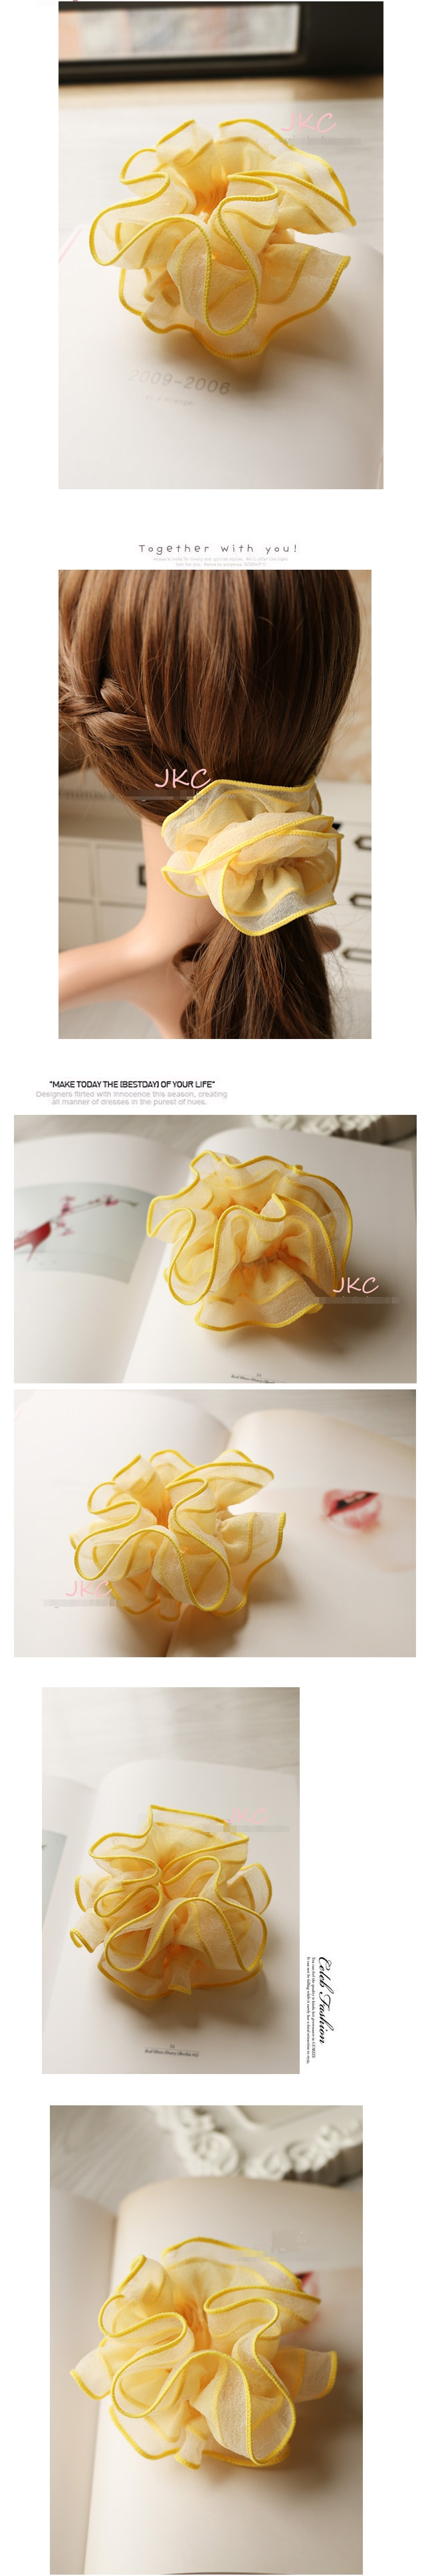 โดนัทรัดผมโบว์สไตล์ญี่ปุ่นผ้าชีฟองสีเหลืองแต่งระบาย